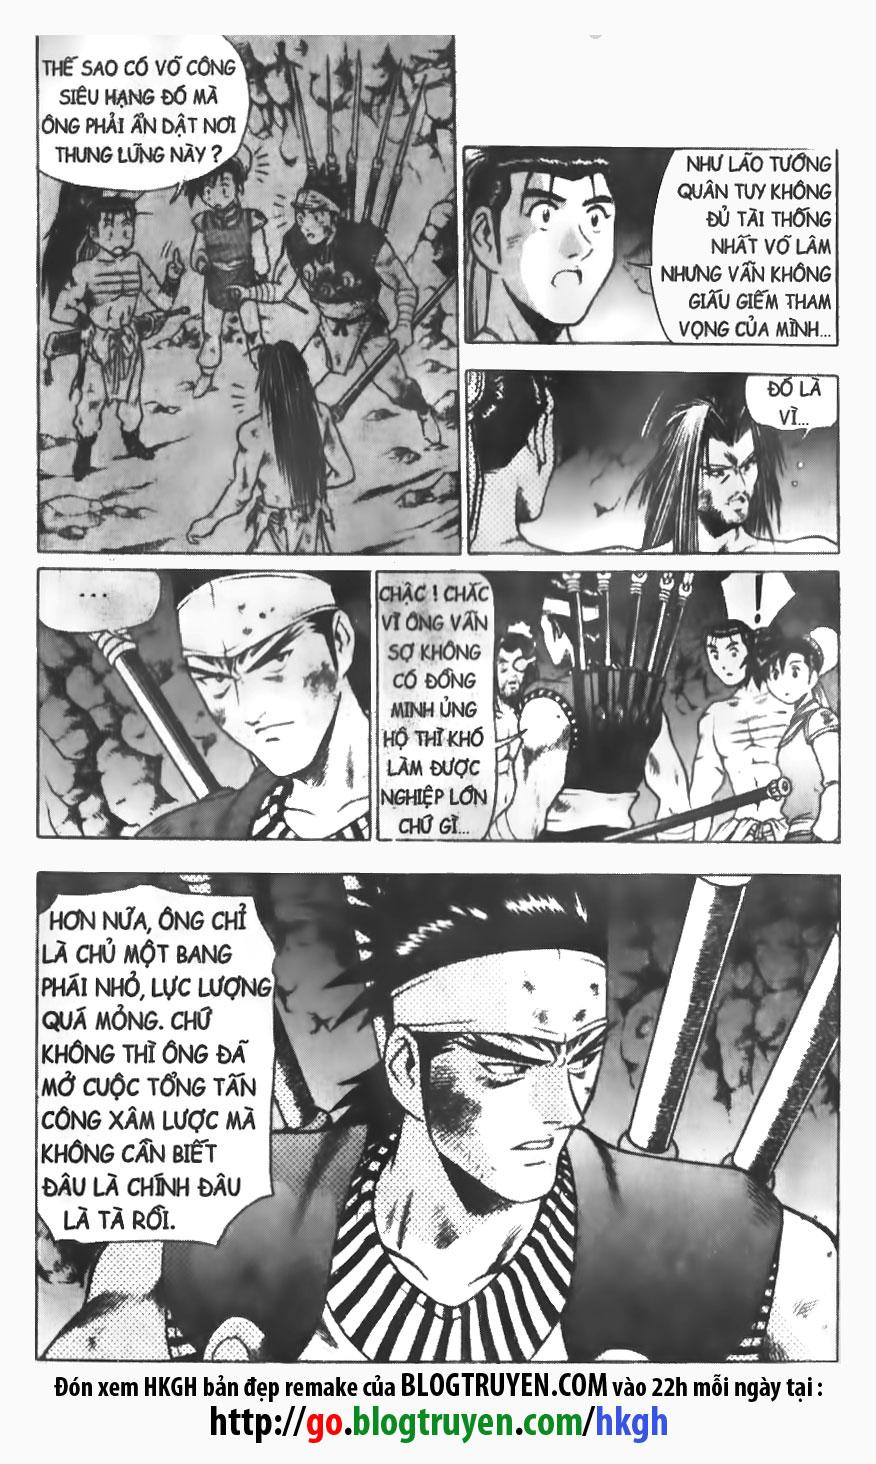 xem truyen moi - Hiệp Khách Giang Hồ Vol21 - Chap 139 - Remake